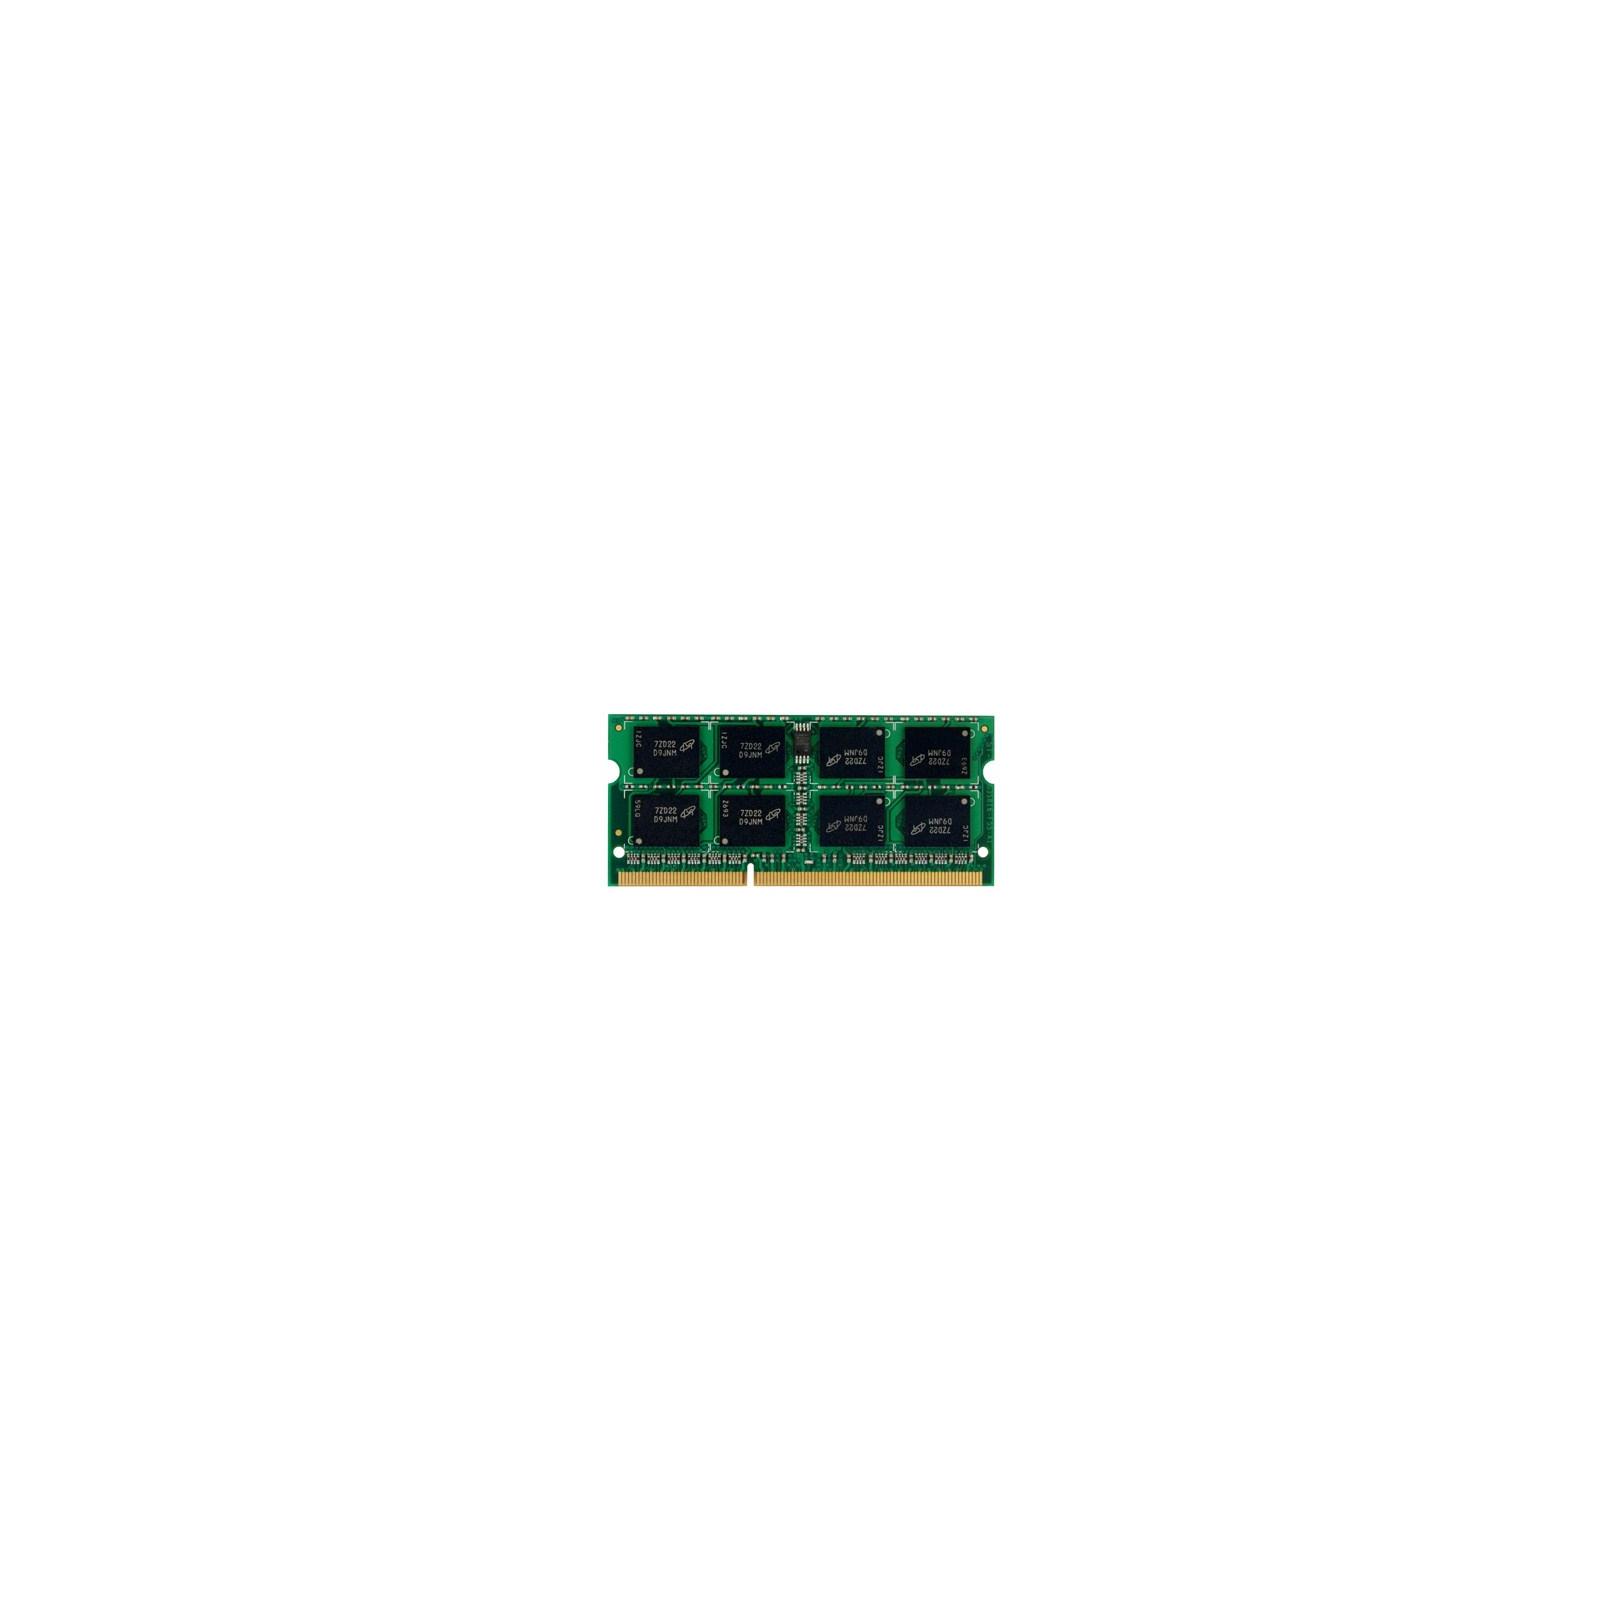 Модуль памяти для ноутбука SoDIMM DDR3 4GB 1333 MHz Team (TED34GM1333C9-SBK / TSD34096M1333C9-E)